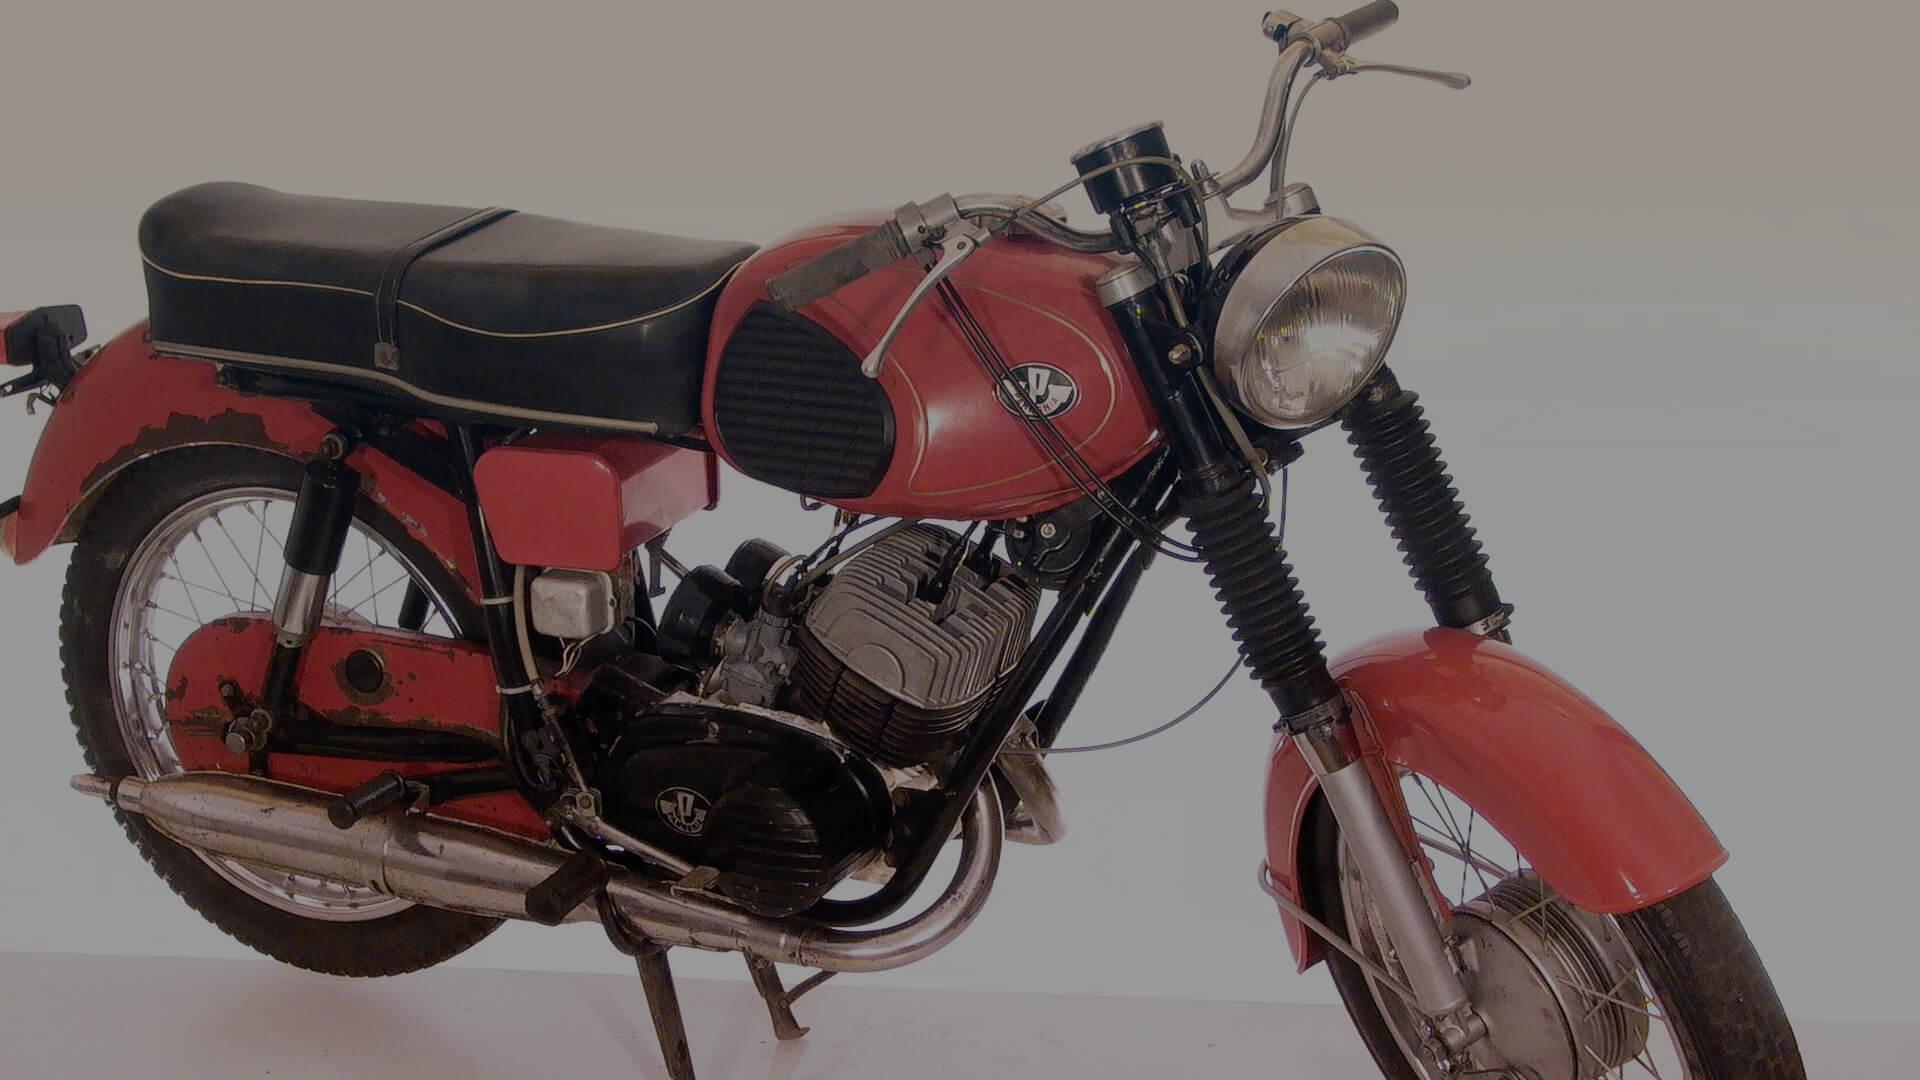 PANNONIA P21, 246 cc, 1974